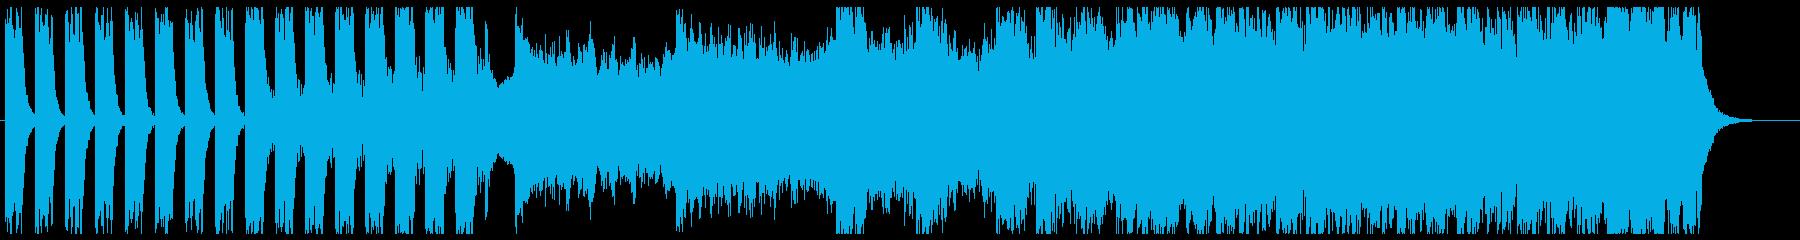 緊張感を演出するエピックオーケストラ2の再生済みの波形